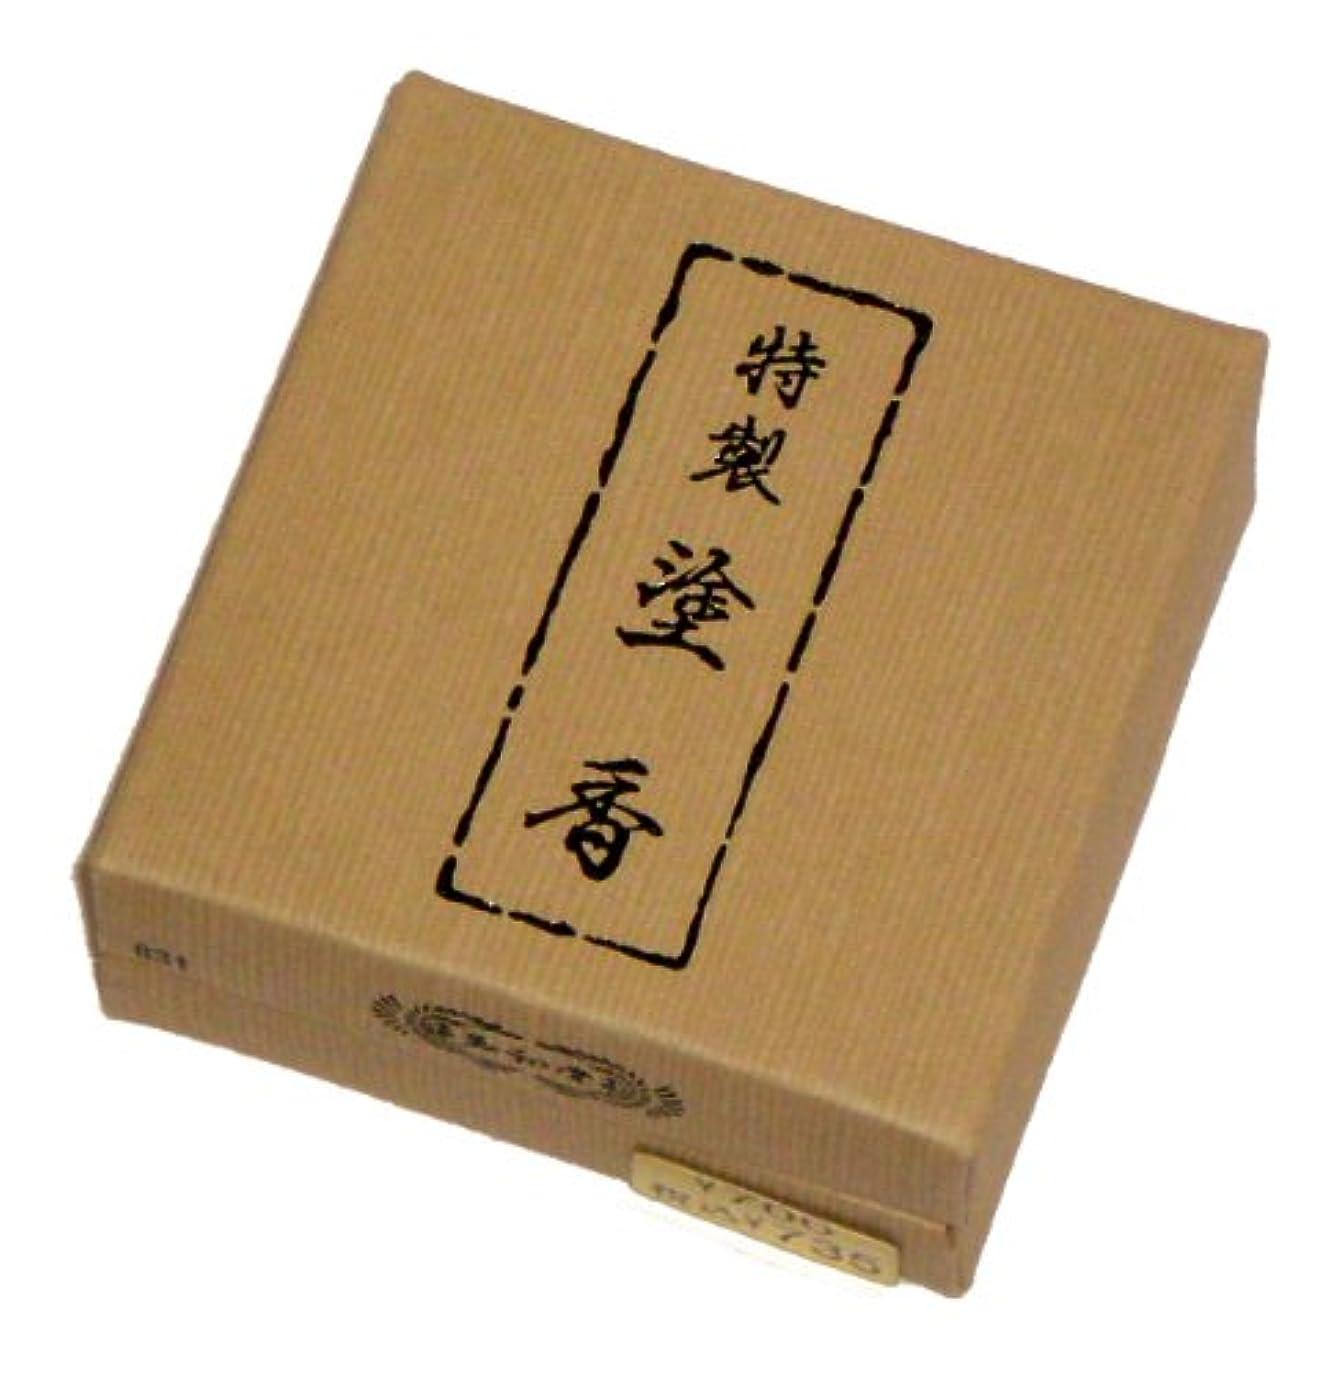 暗殺するたっぷり玉初堂のお香 特製塗香 15g 紙箱 #831